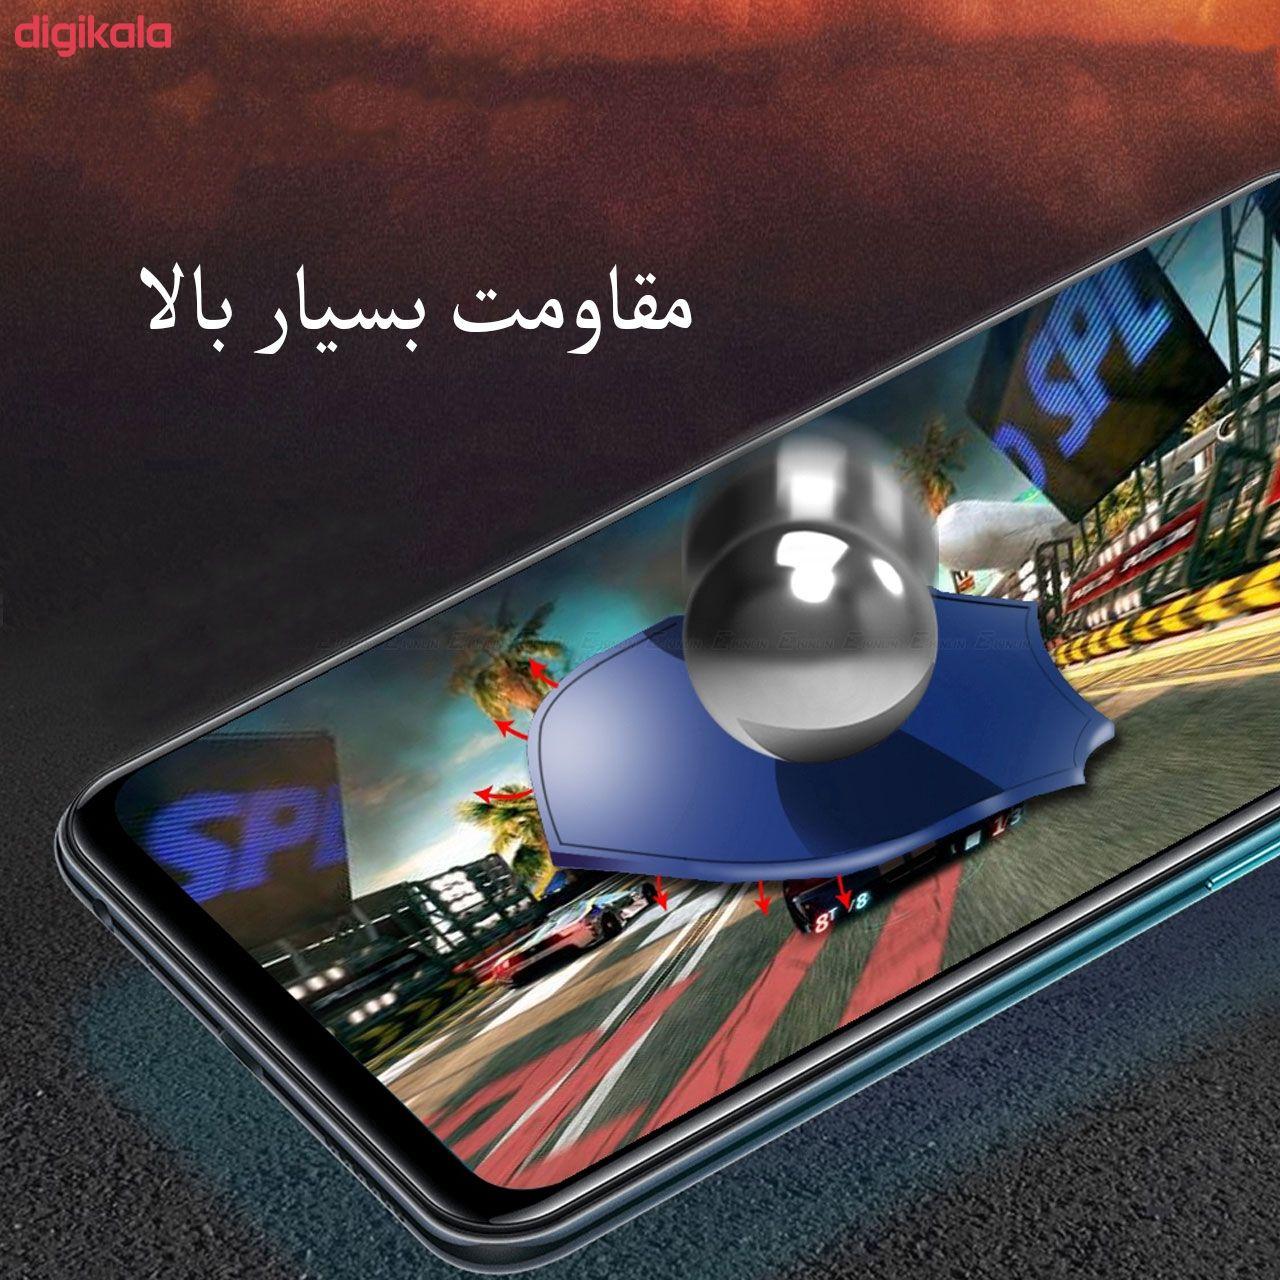 محافظ صفحه نمایش مدل FCG مناسب برای گوشی موبایل سامسونگ Galaxy M20 main 1 8